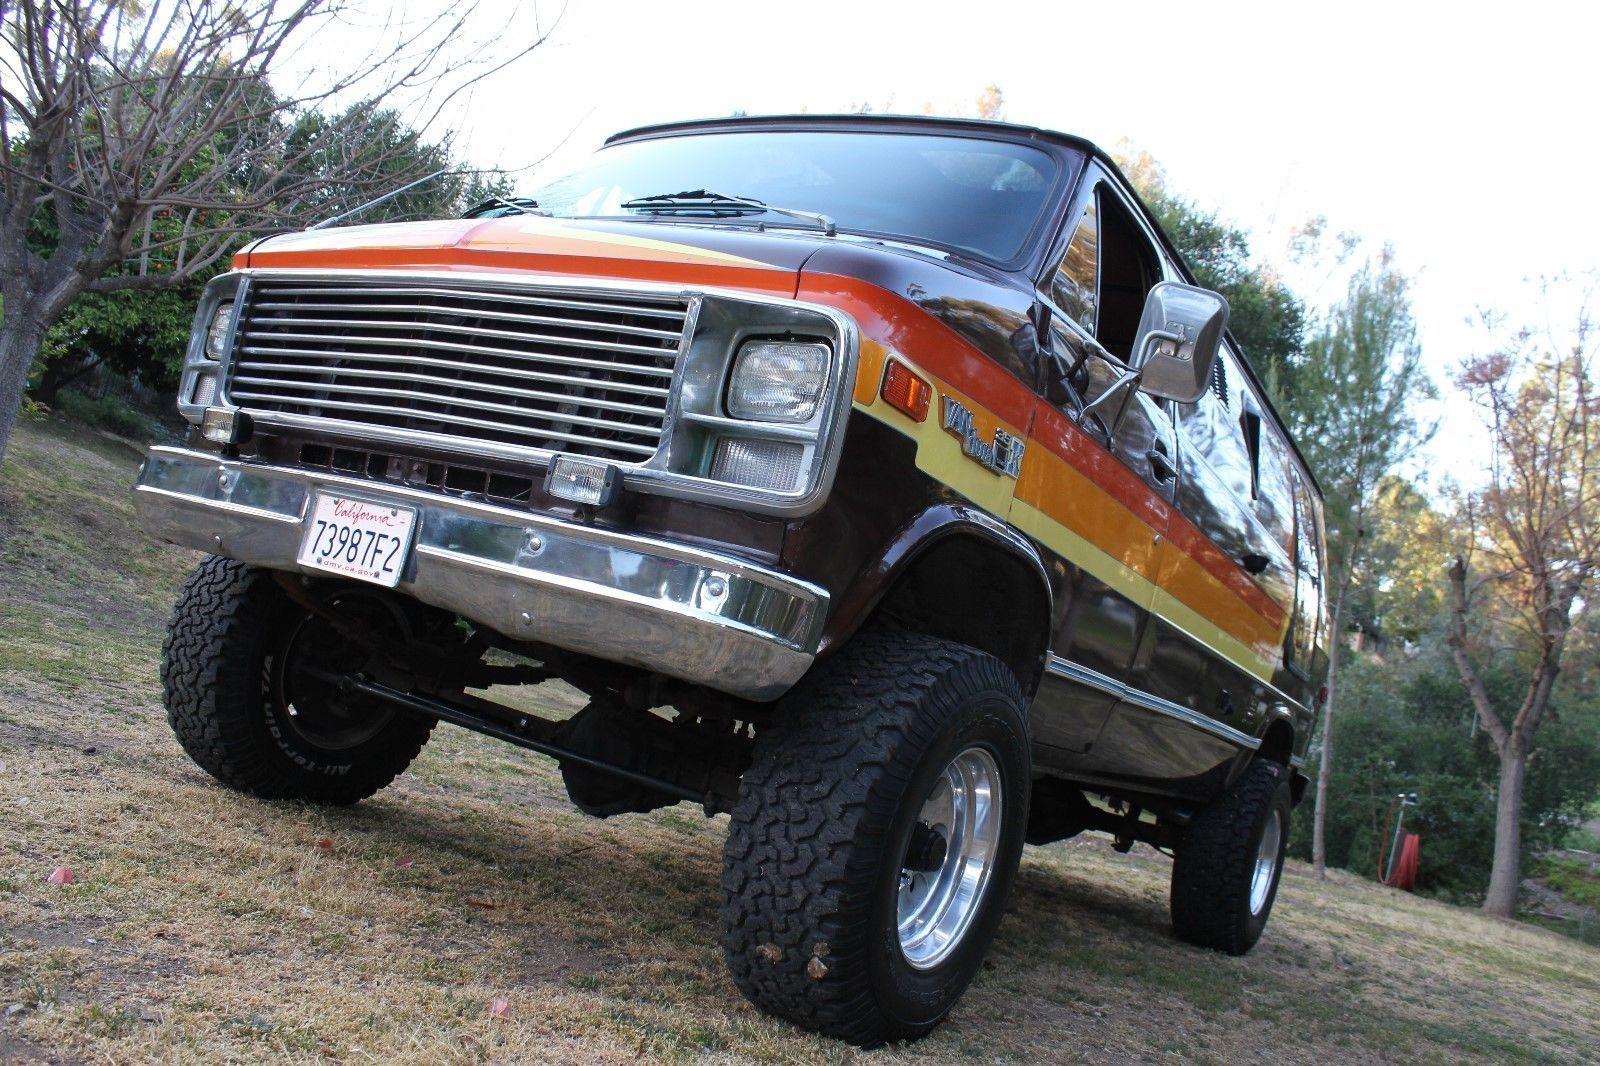 1978 Gmc Vandura G35 Ebay Gmc Monster Trucks Ebay